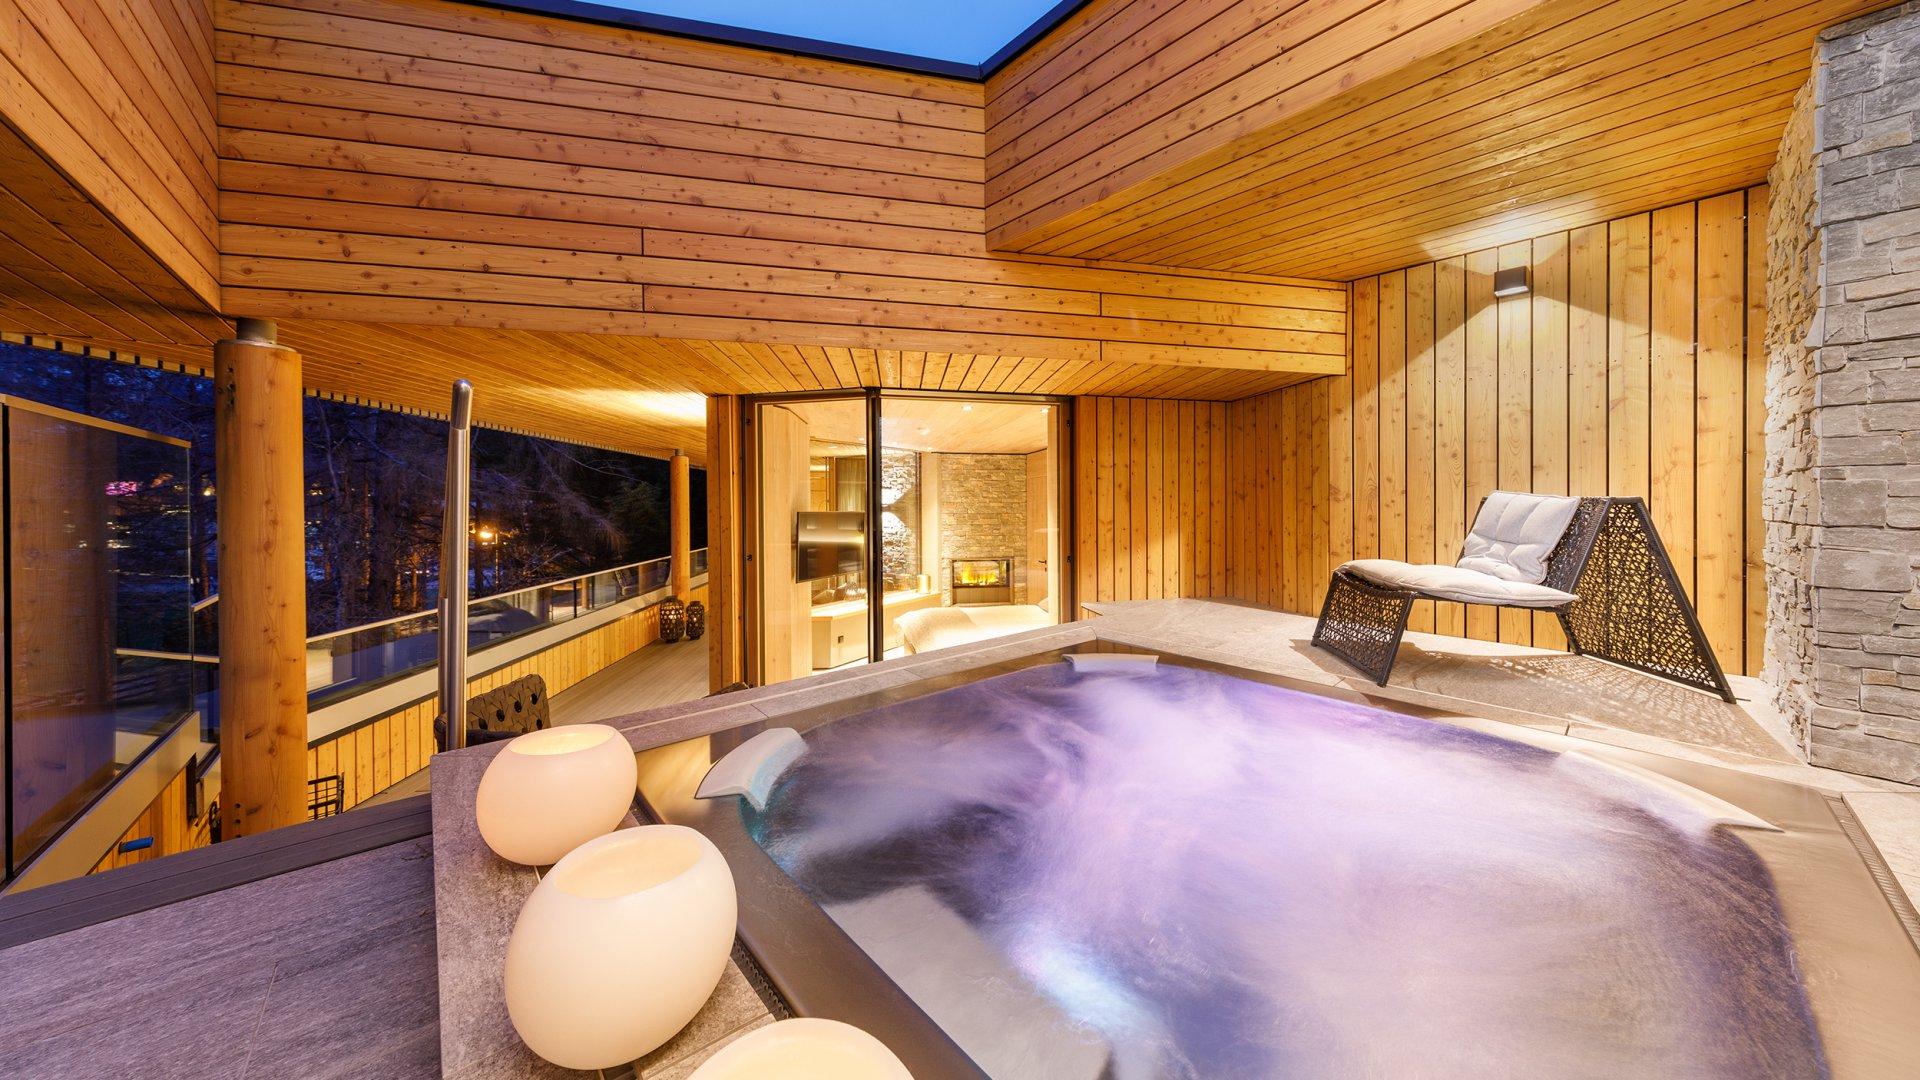 Zimmer im Designhotel in Tirol - Naturhotel Waldklause